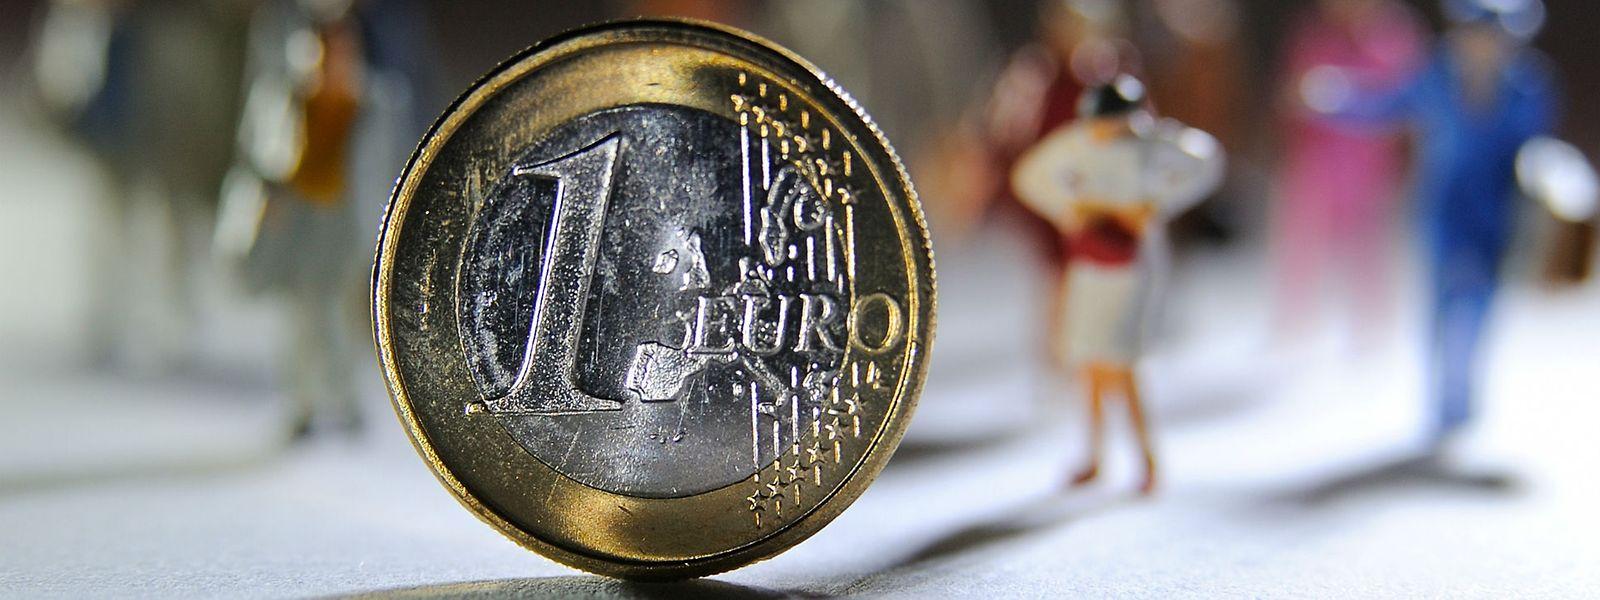 Pour les jeunes N-VA, la Wallonie ne vaudrait pas plus qu'une pièce d'un euro...